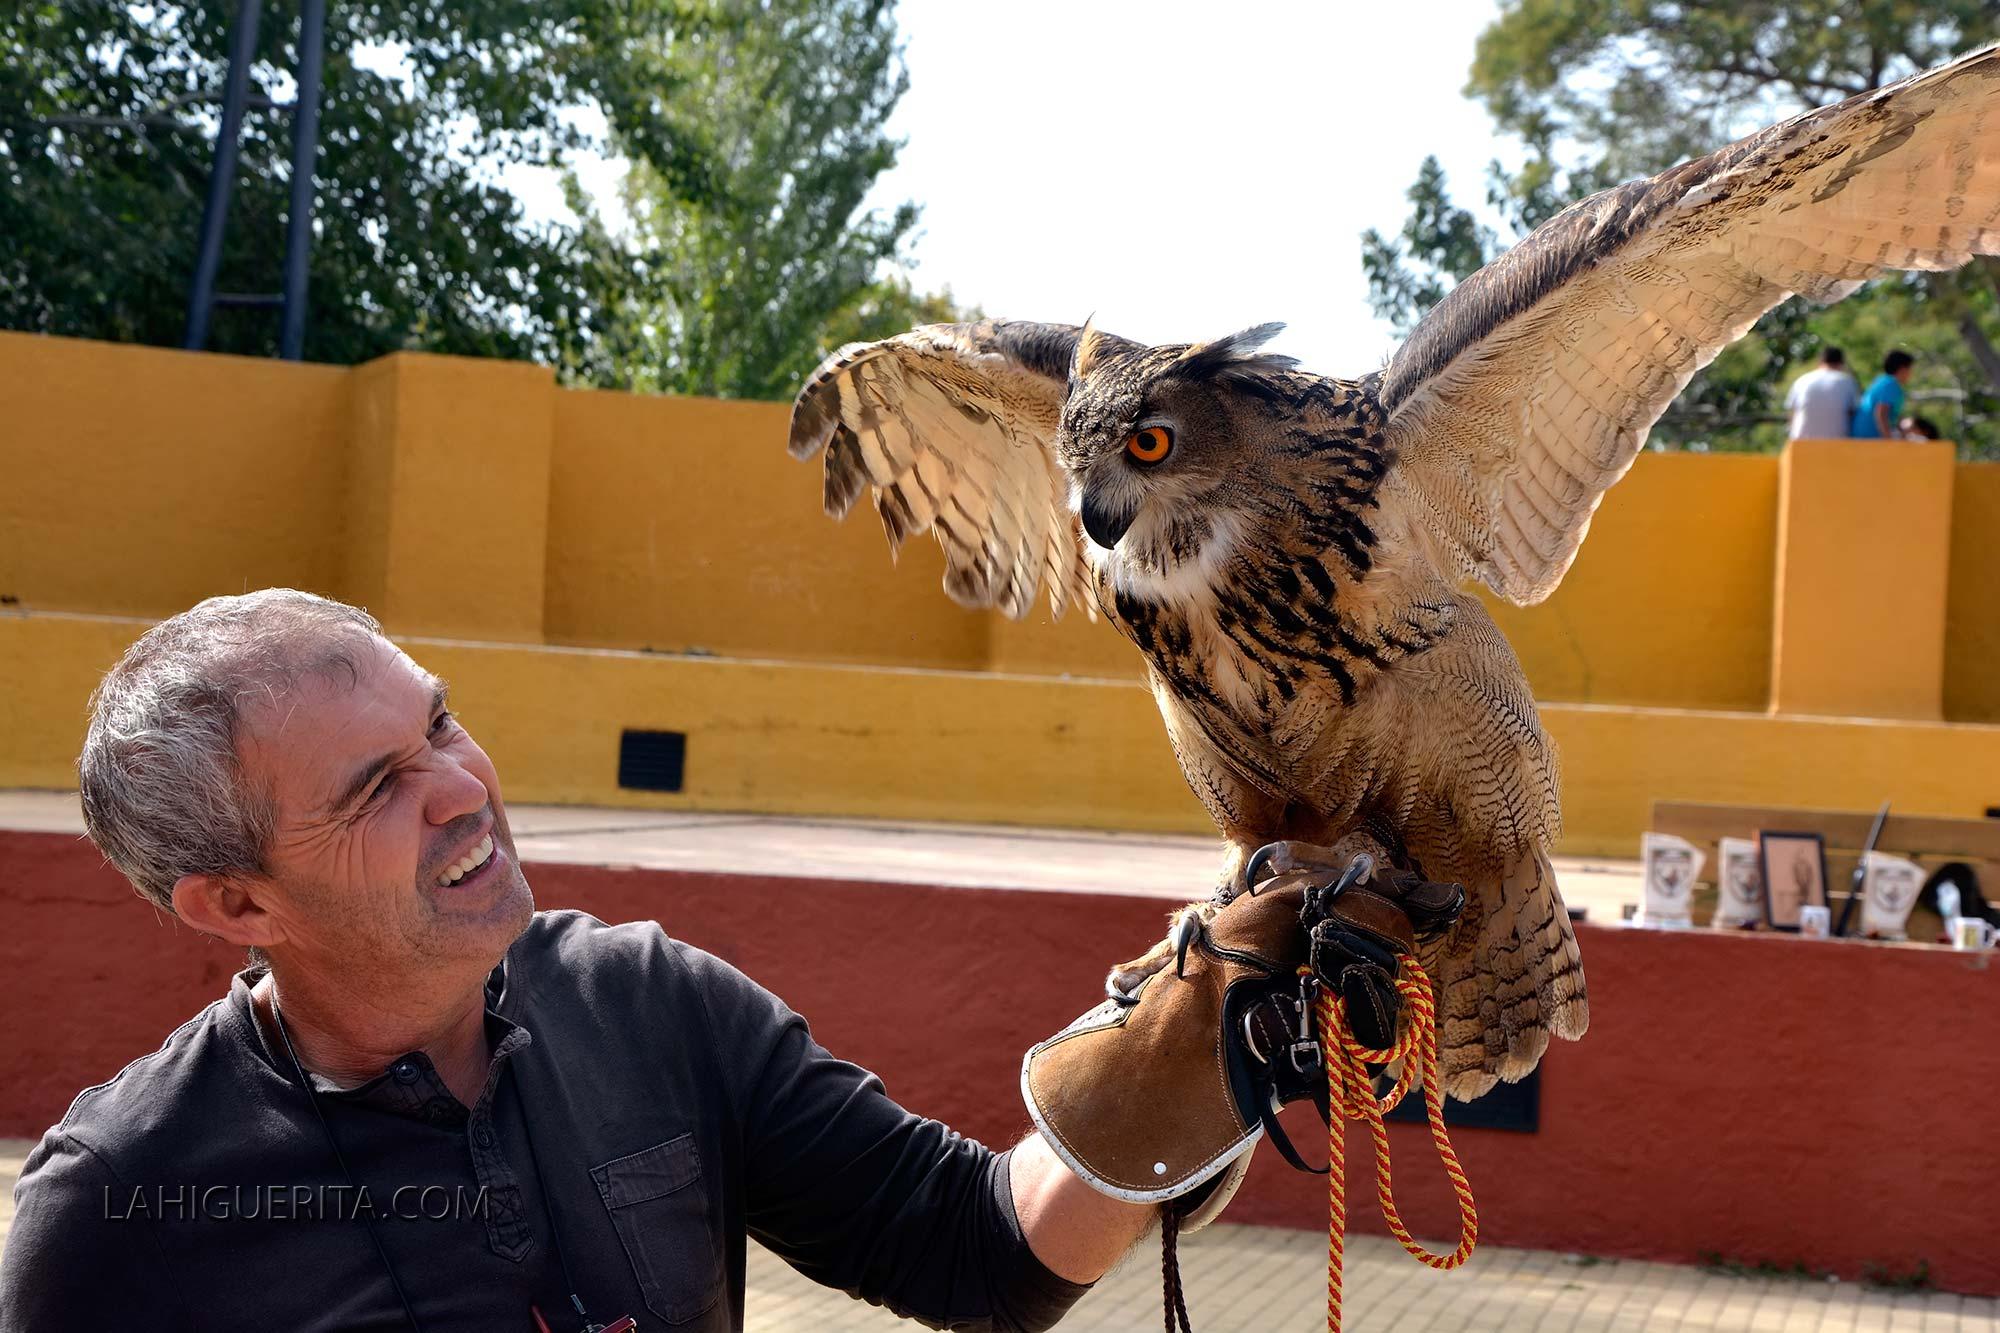 IX Encuentro Nacional de Cetrería y Conservación de Aves de Presa Ciudad de Isla Cristina (ENCCAP)